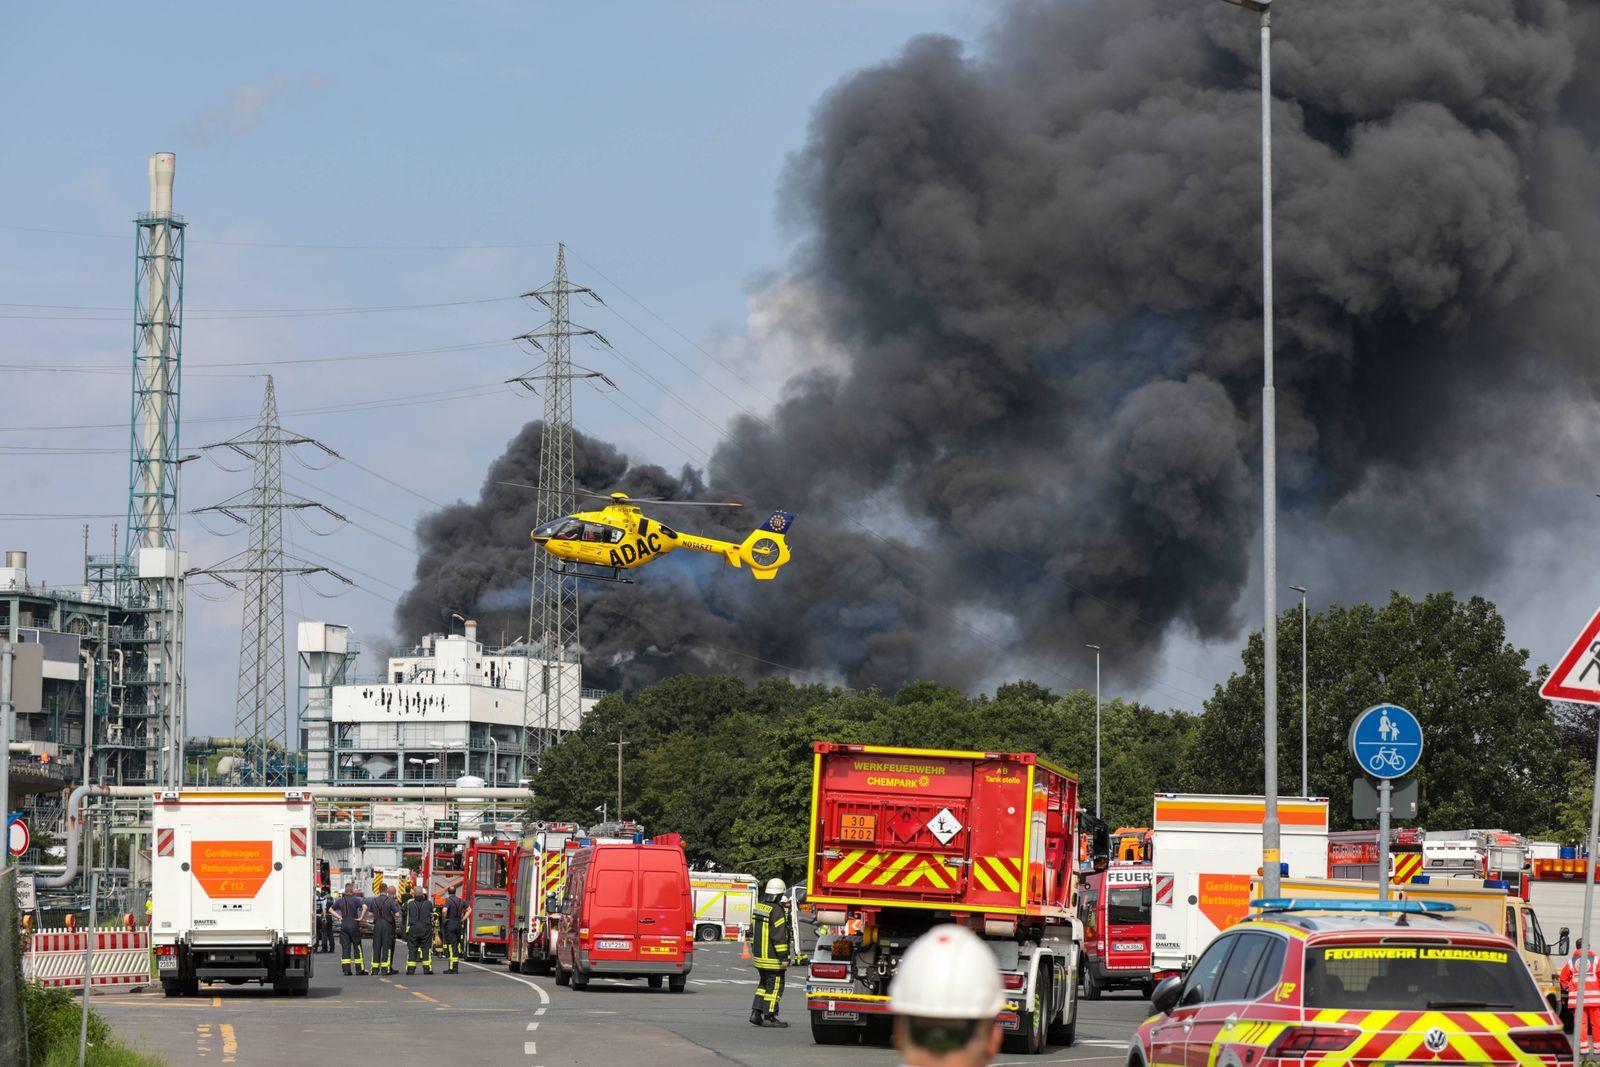 Explosion in Chemiepark Leverkusen Großeinsatz nach Explosion in Chemiepark in Leverkusen! Massive Rauchsäule, Bevölker